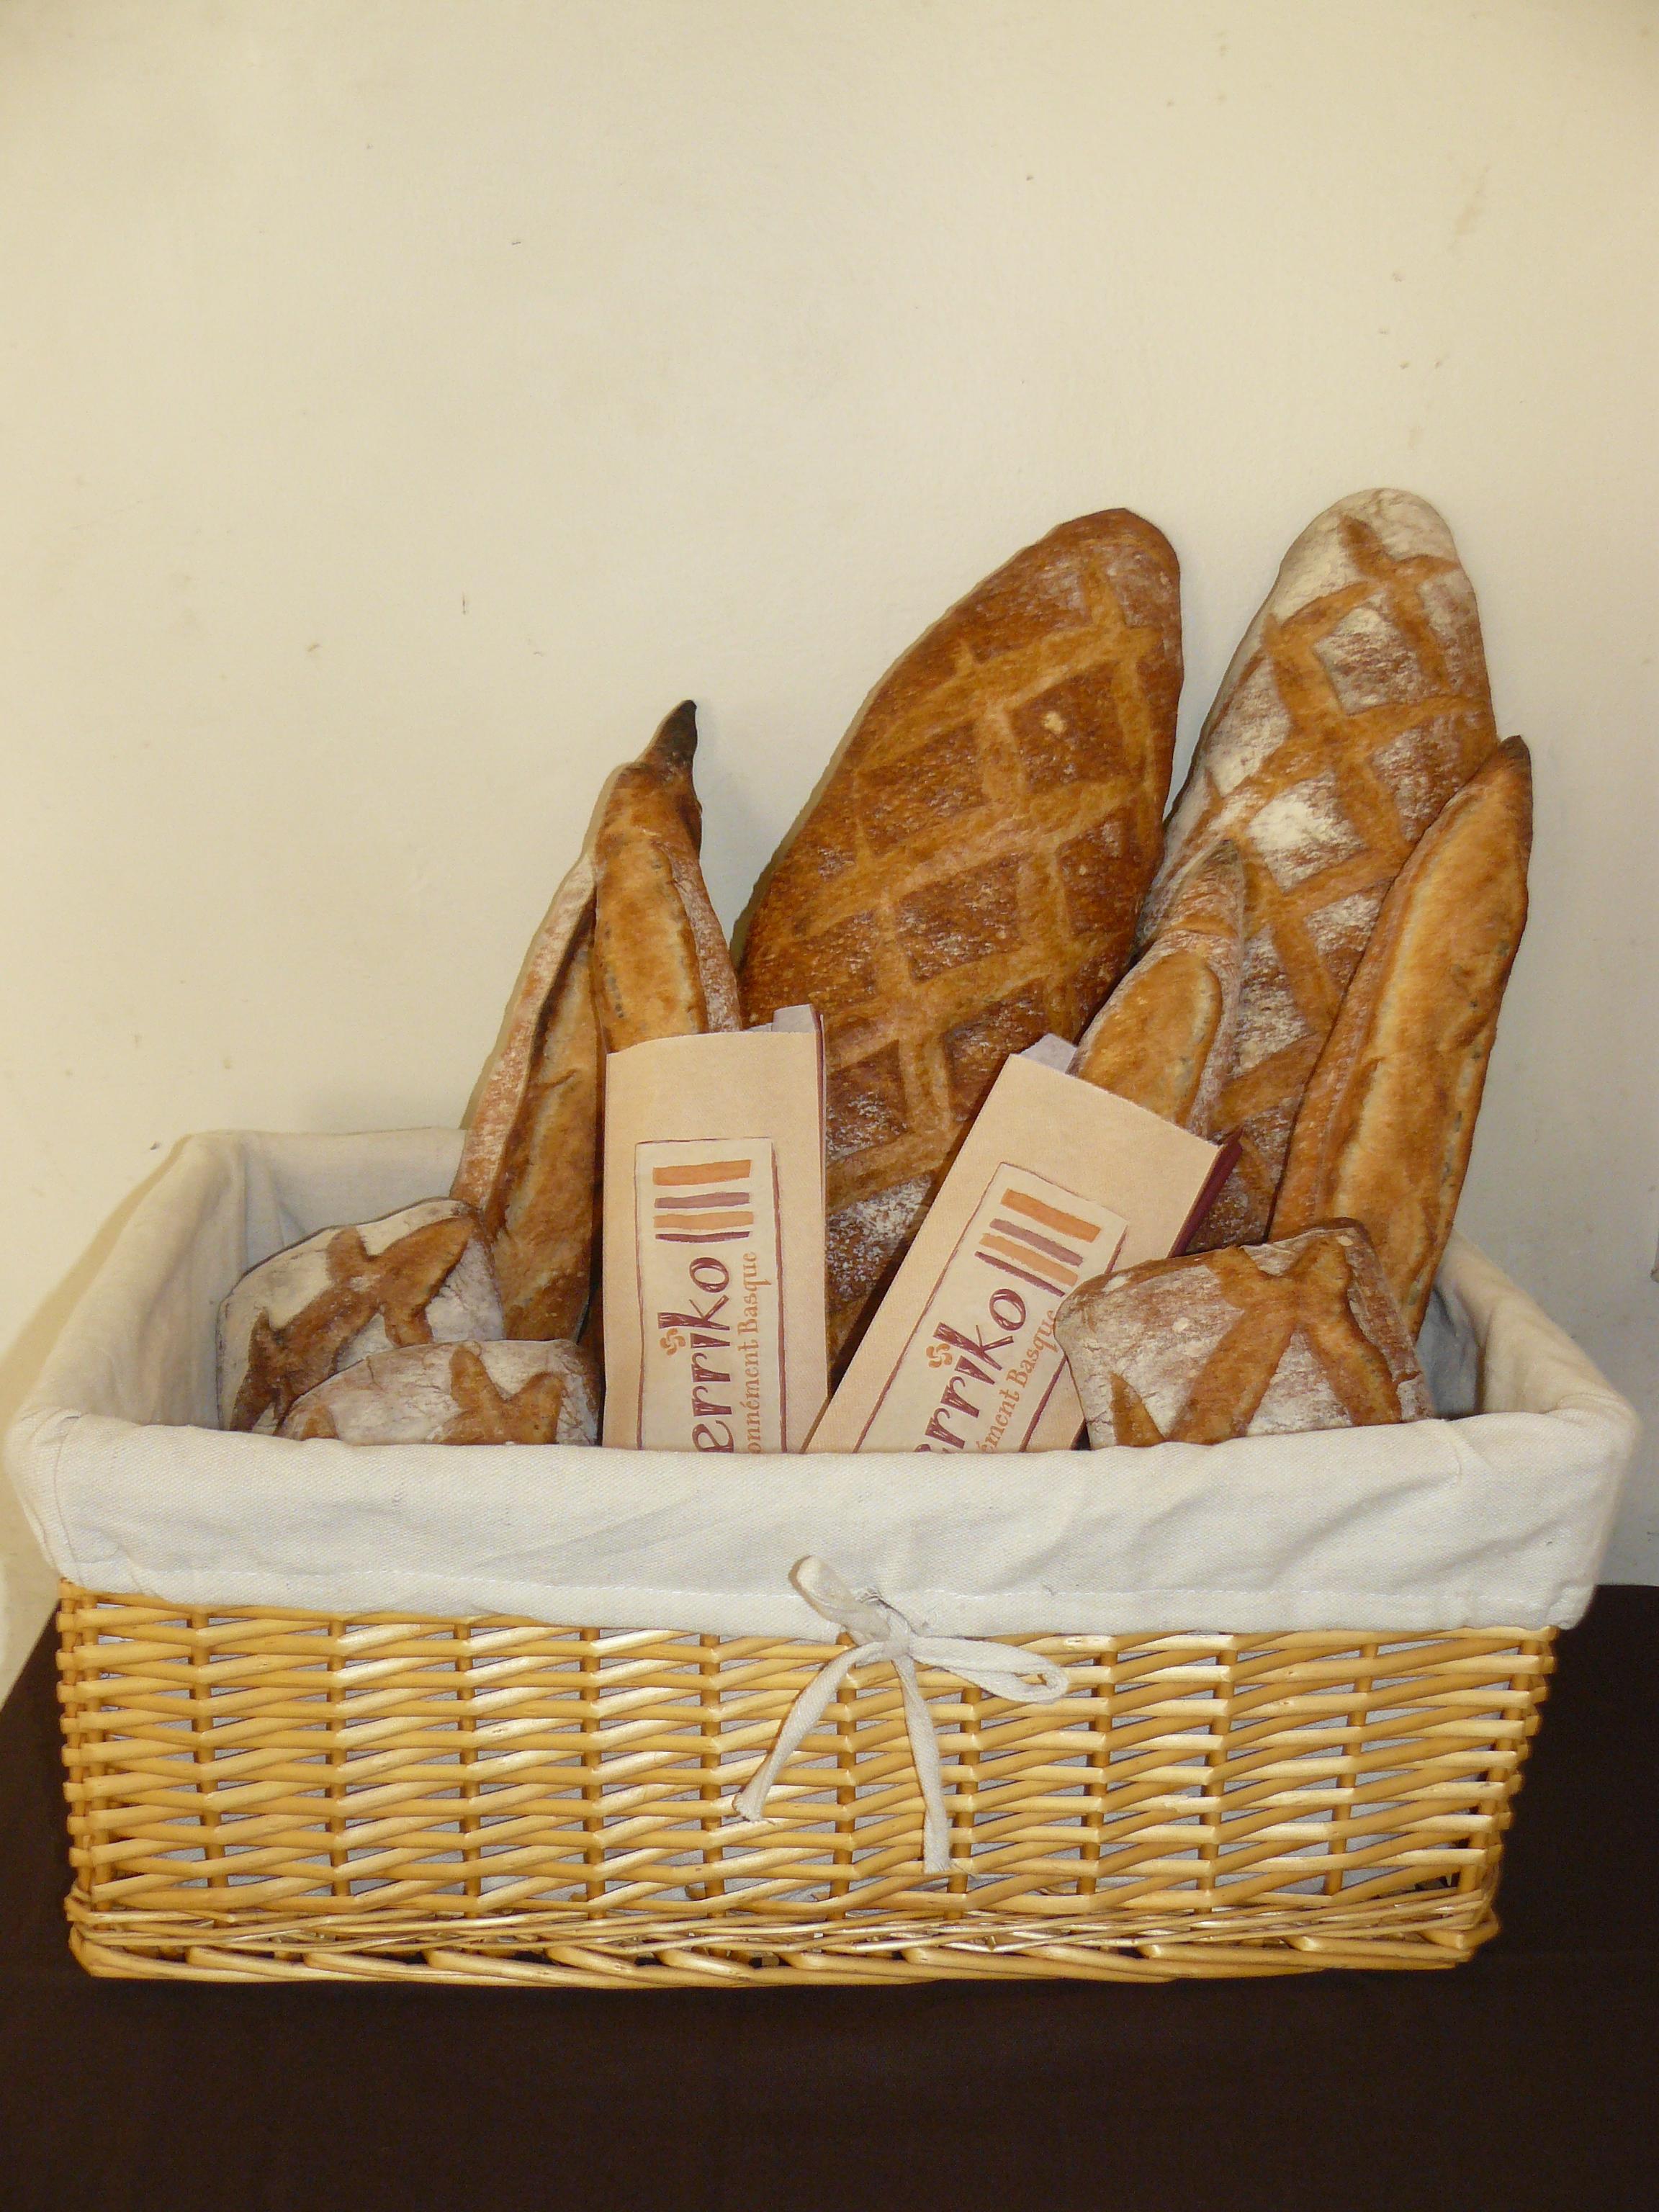 Herriko Bread